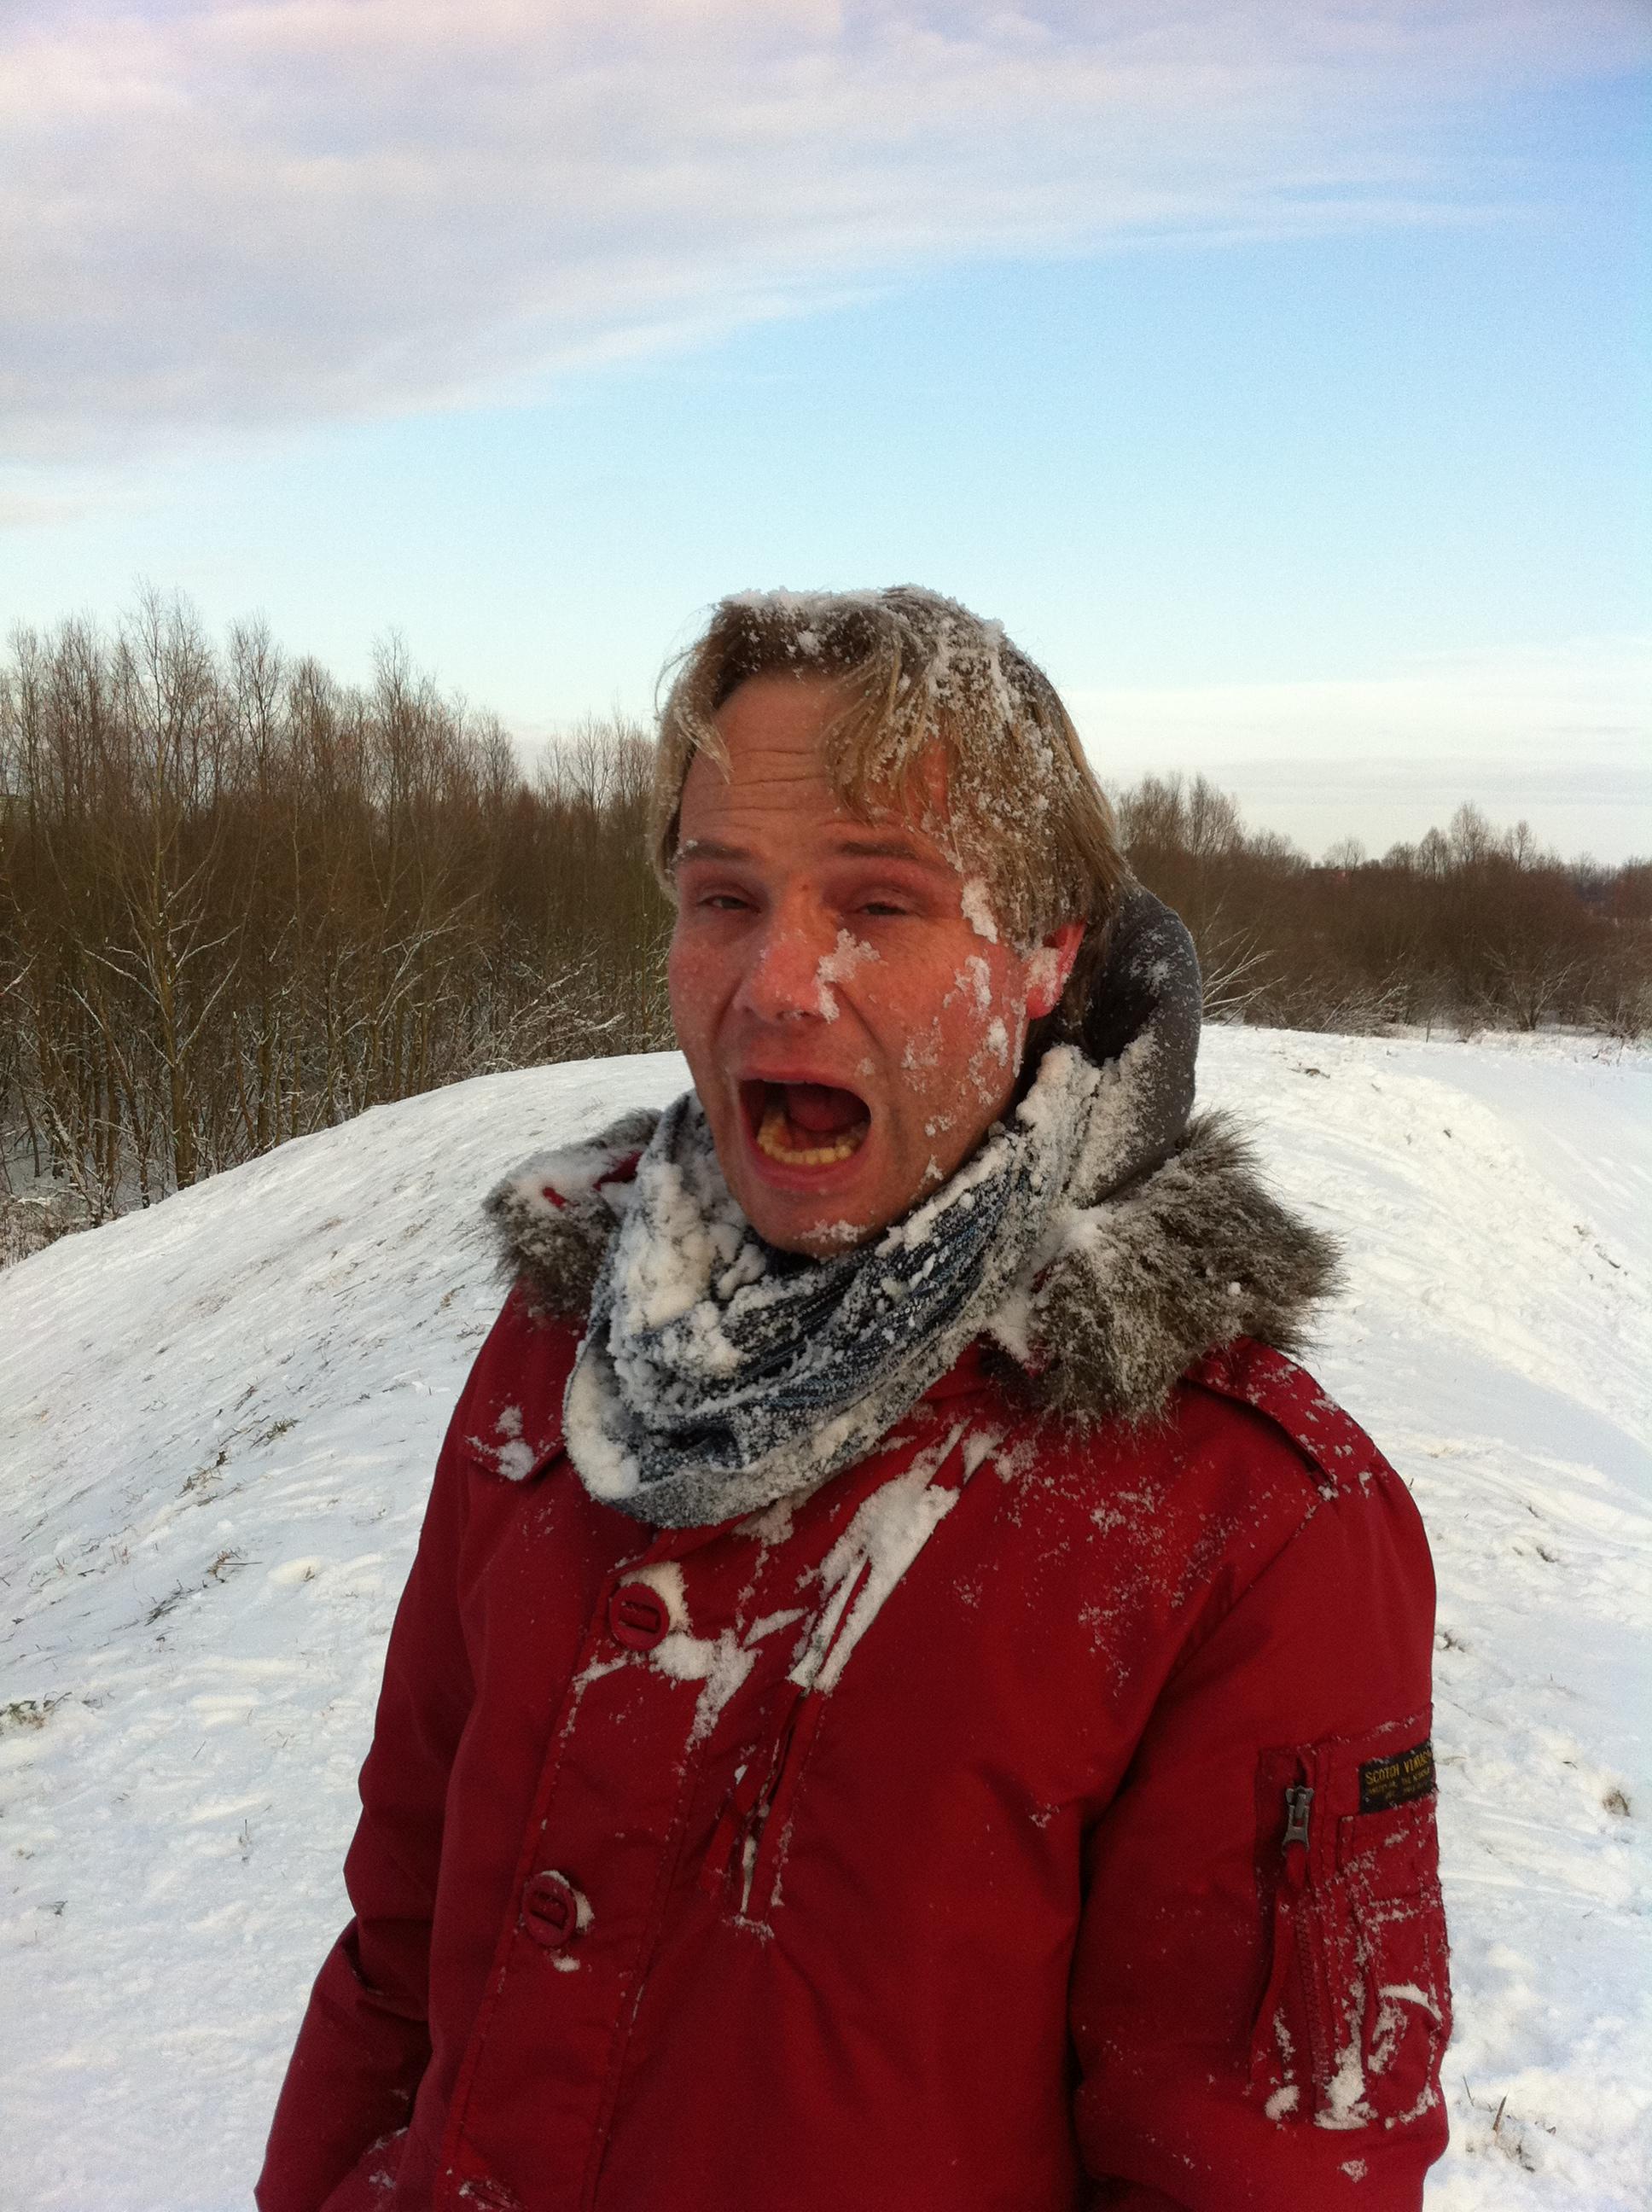 Michiel ingezeept met sneeuw door Jannie en Jelte